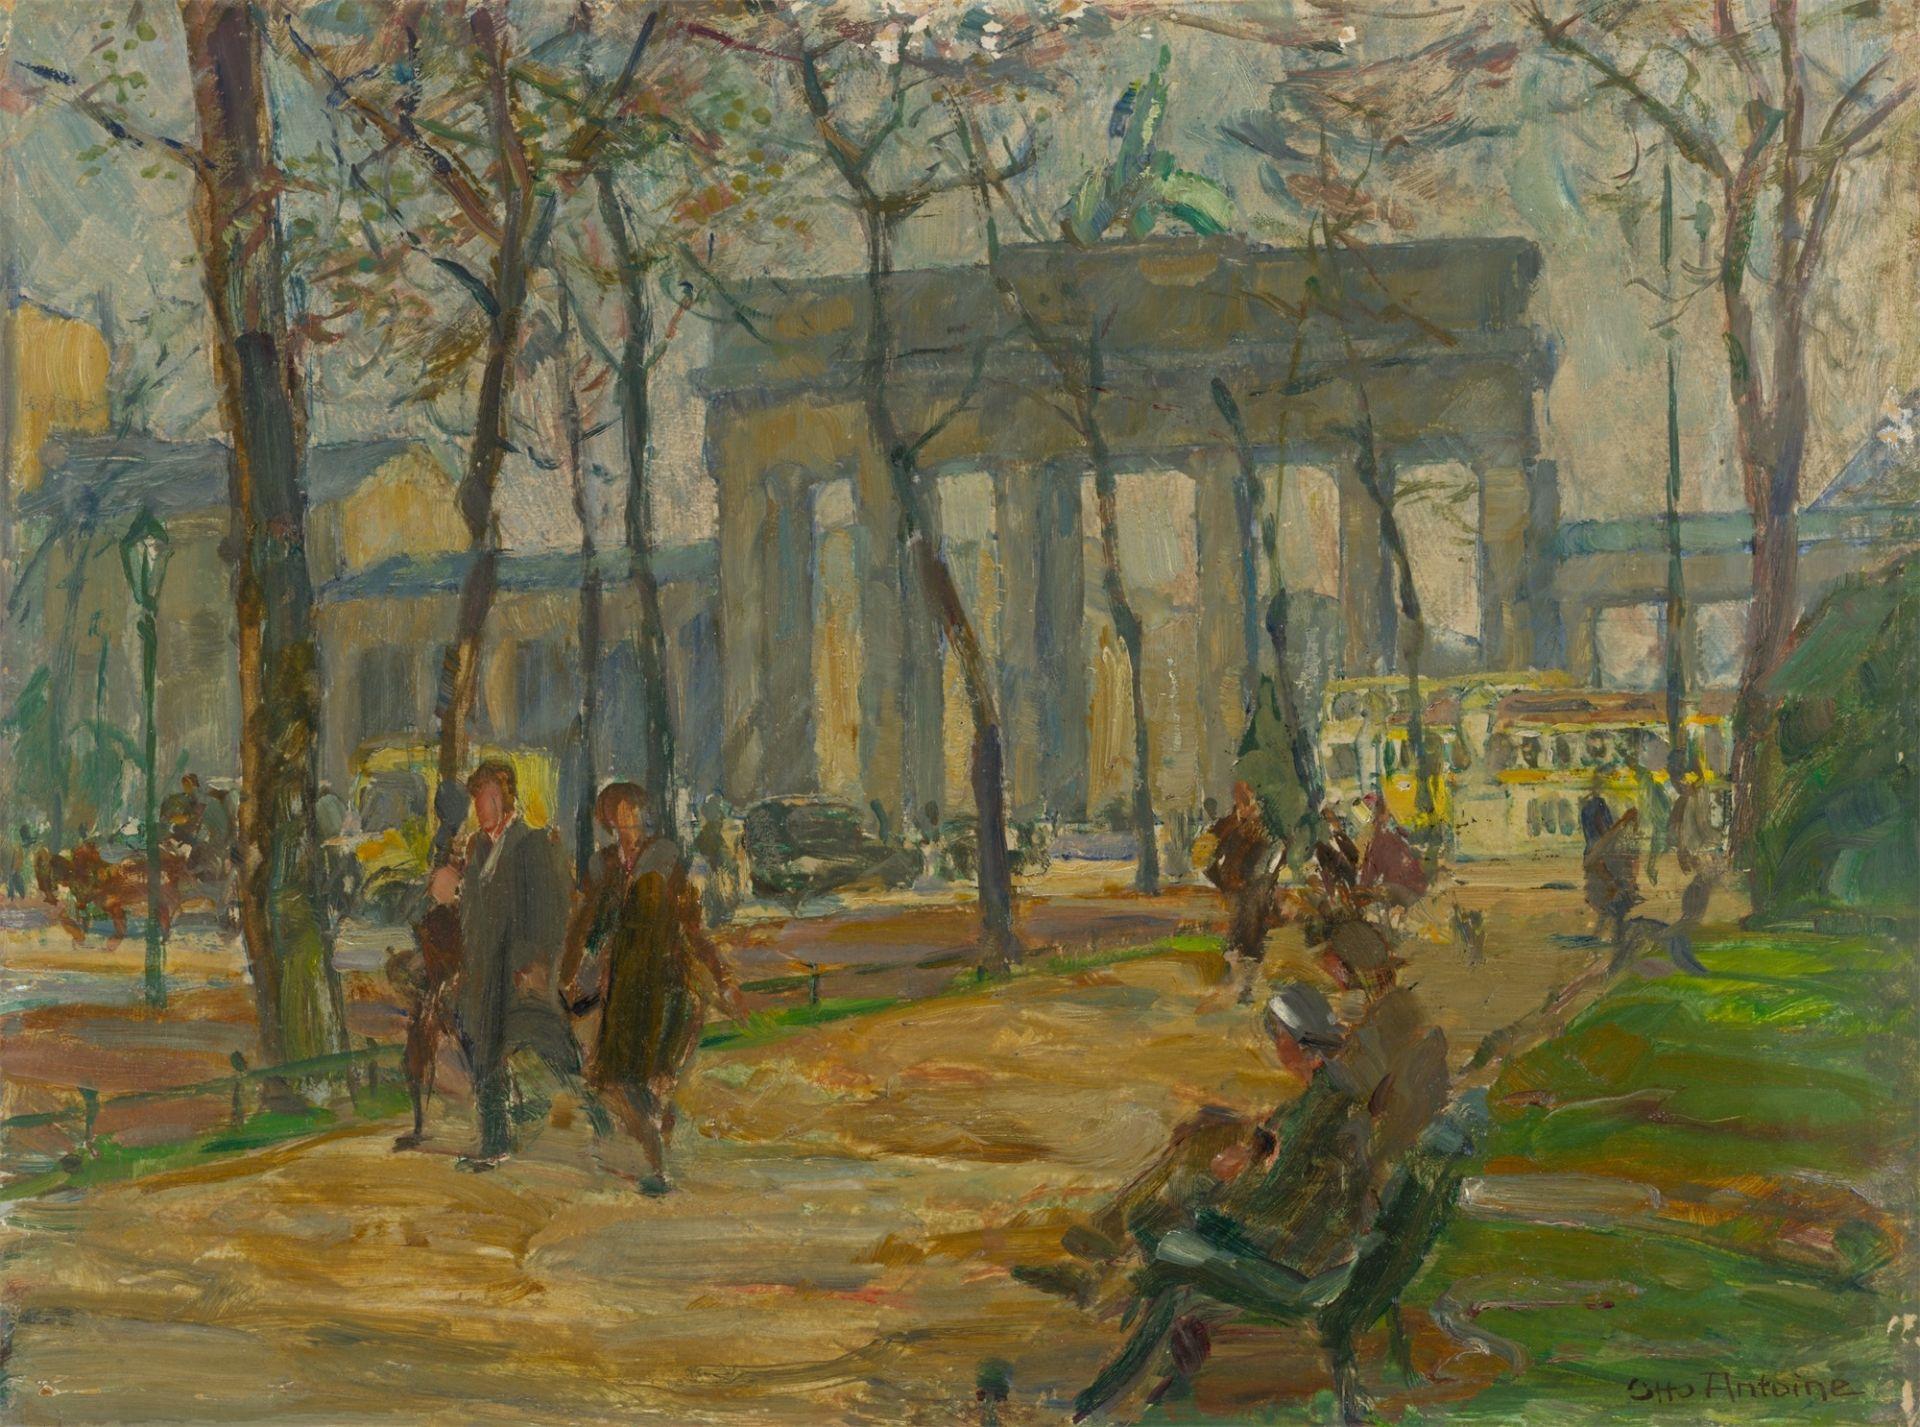 Otto Antoine. Brandenburg Gate. After 1928